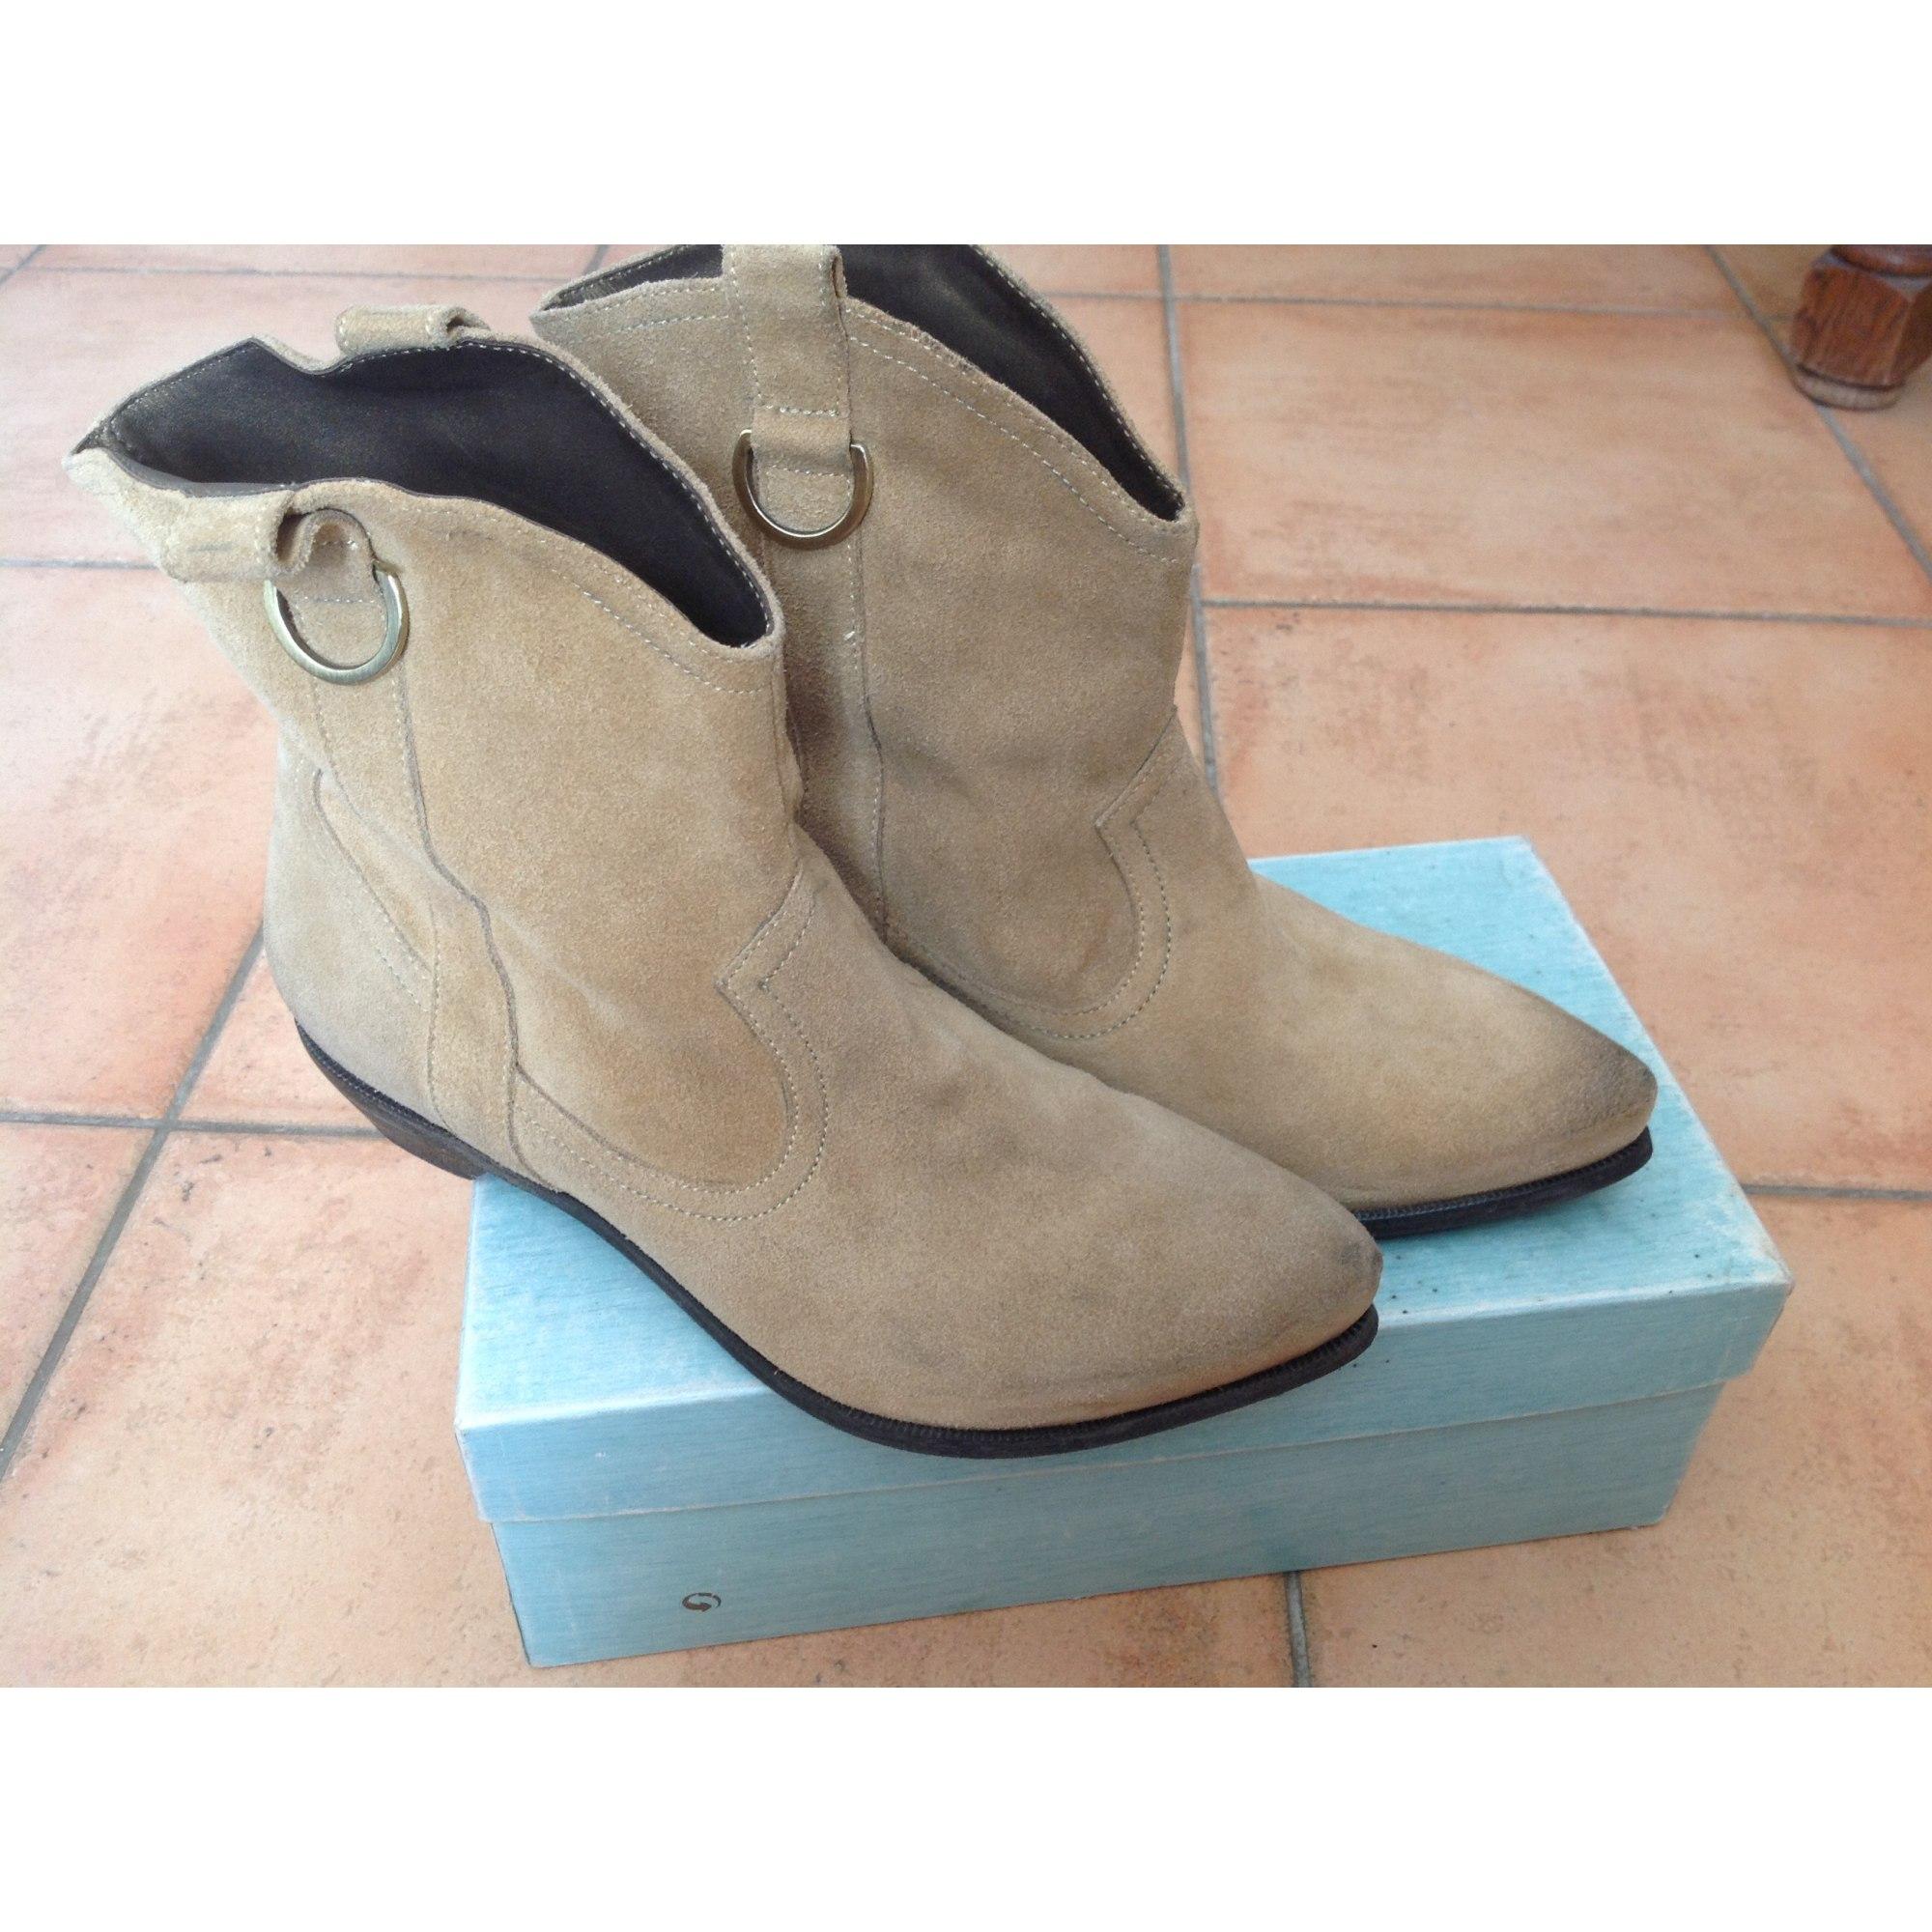 Bottines & low boots à talons BOCAGE Beige, camel